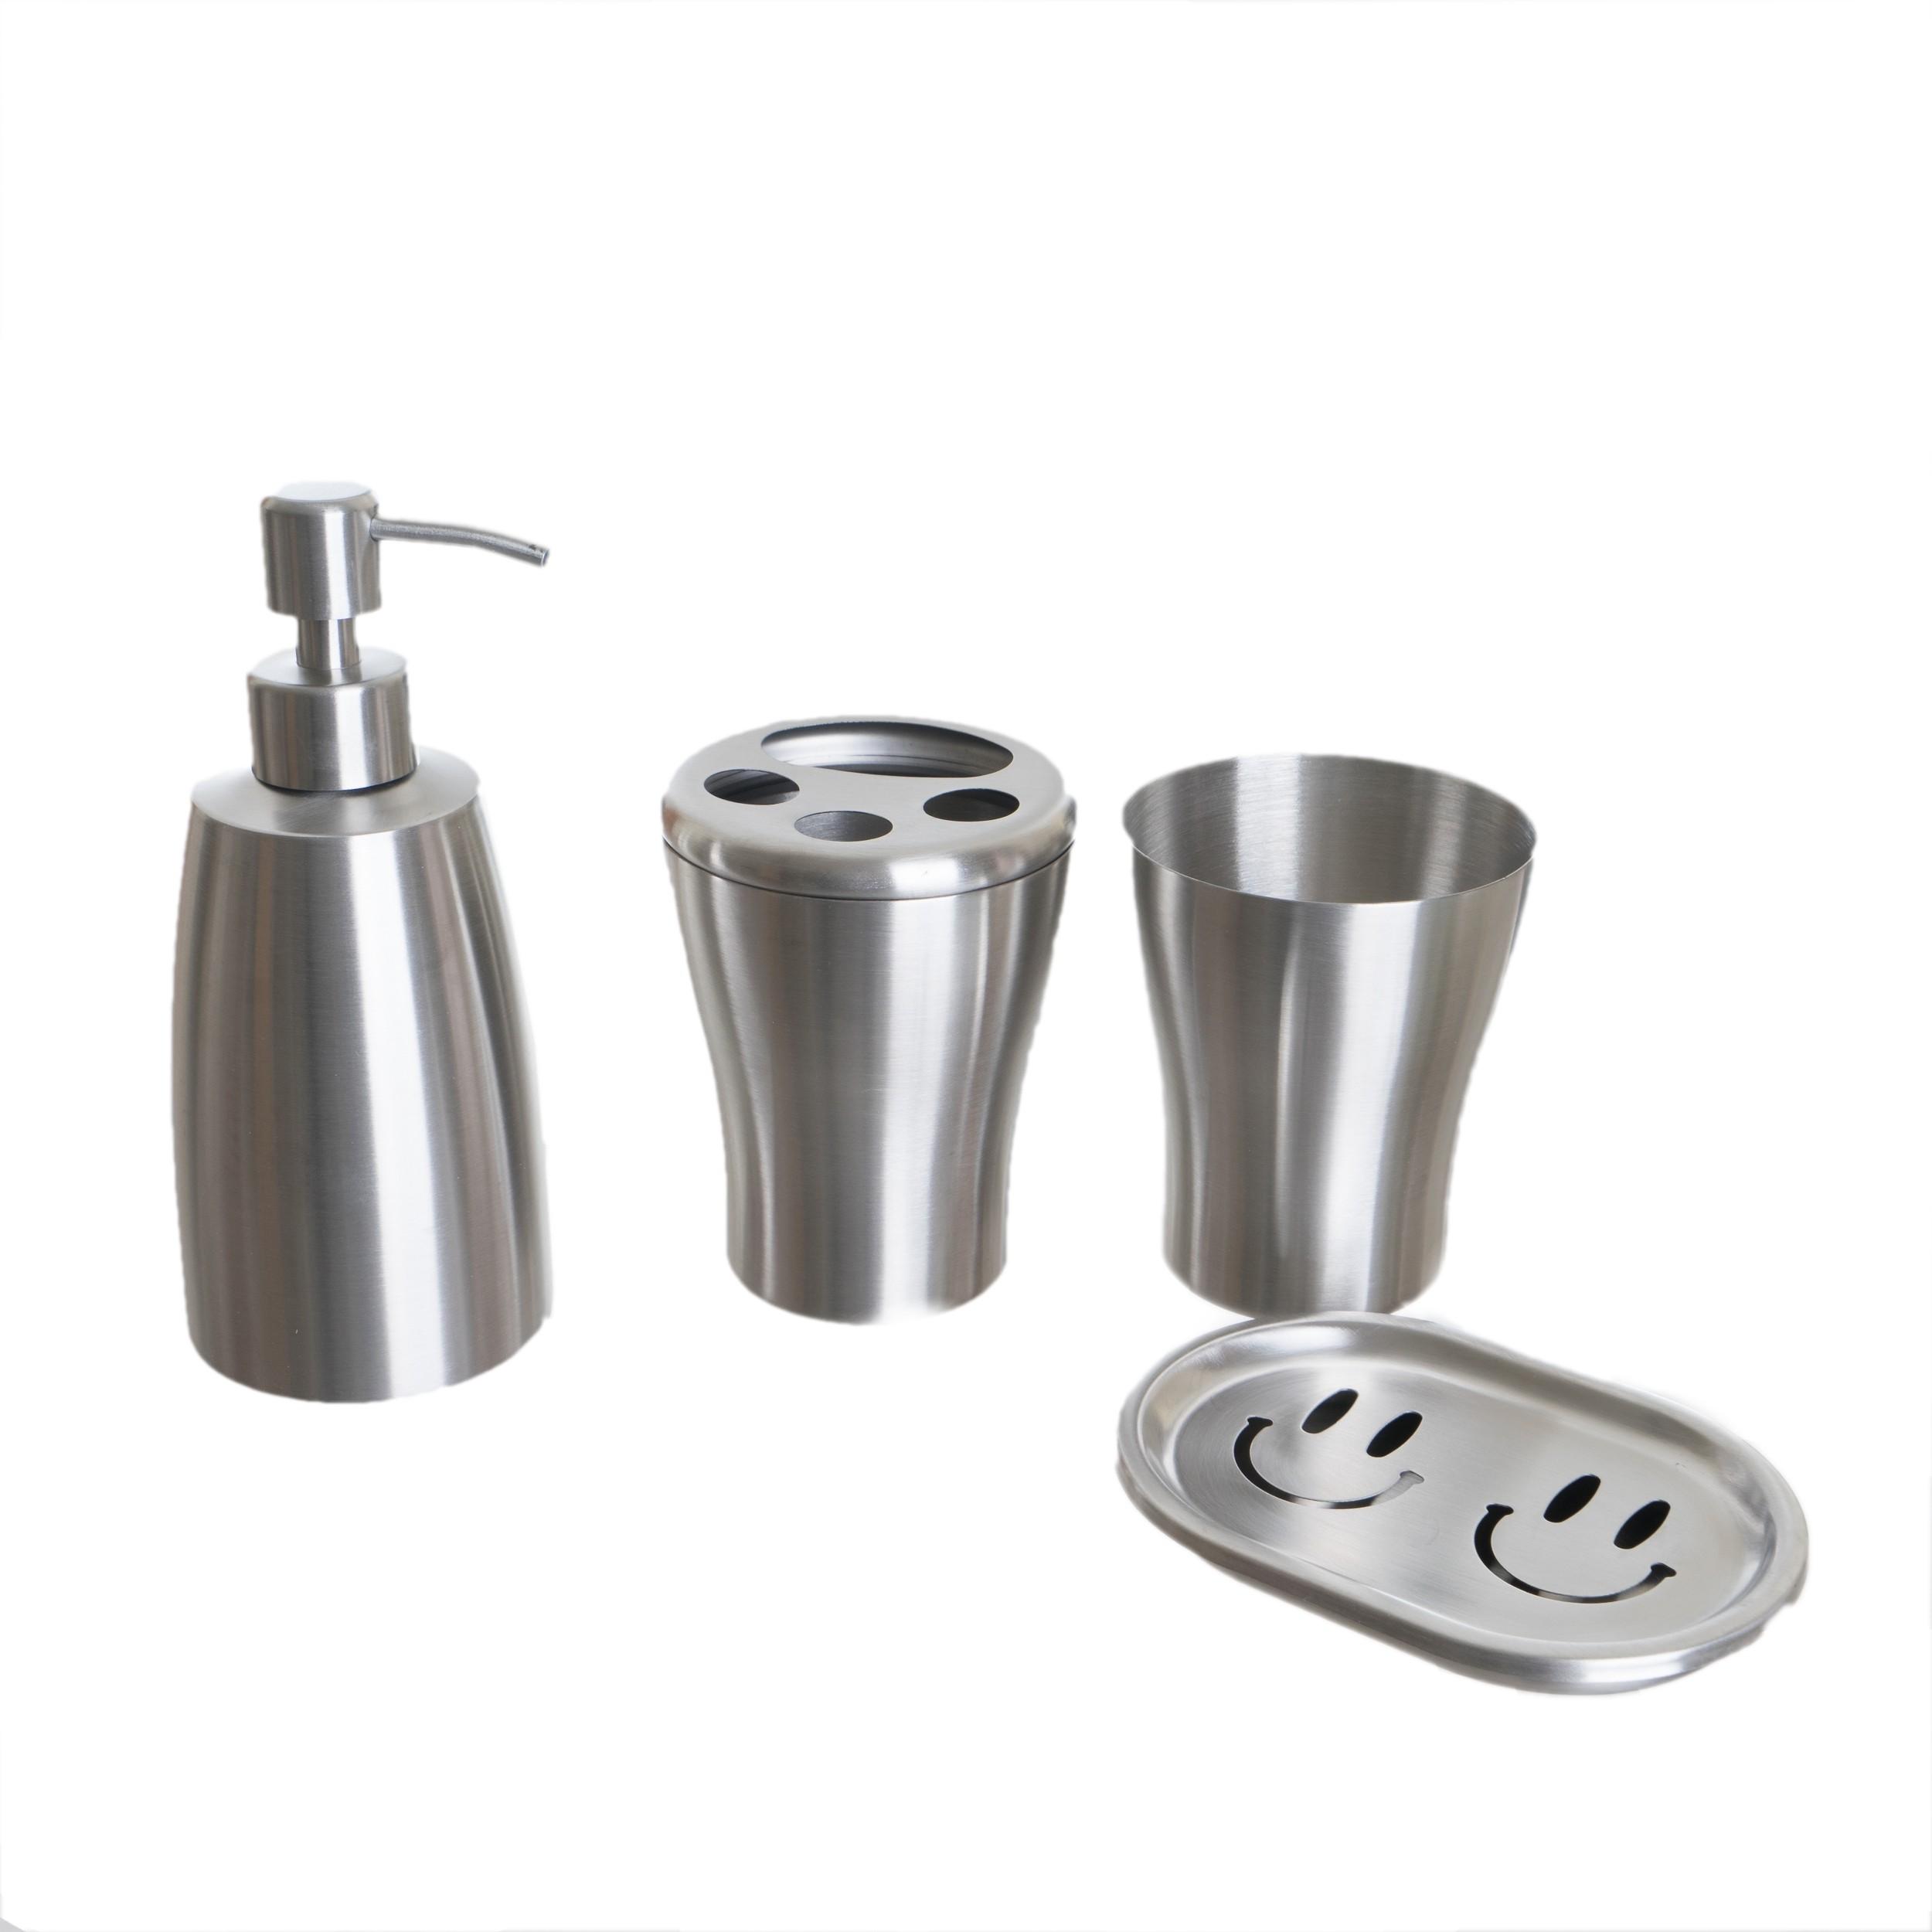 accessoire salle de bain en inox chrome 4 pcs